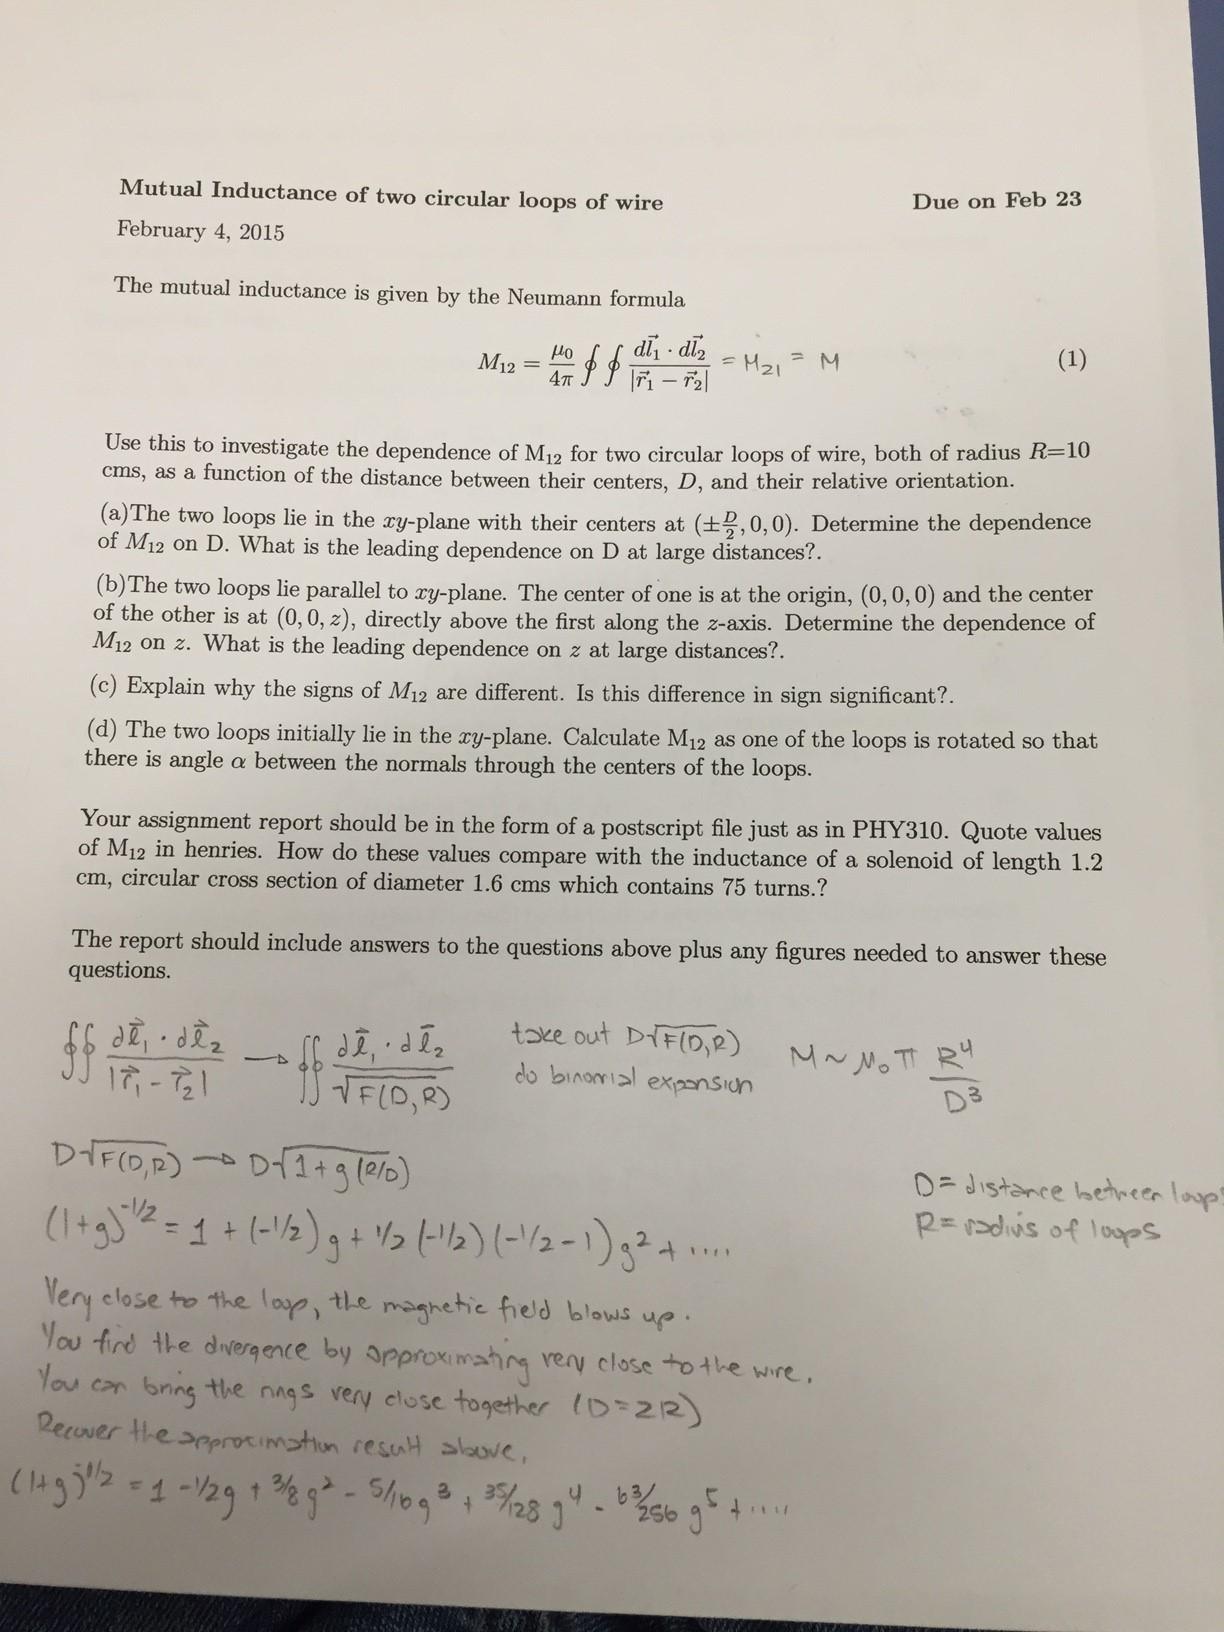 I Need To Write A C++ Program To Investigate The M... | Chegg.com